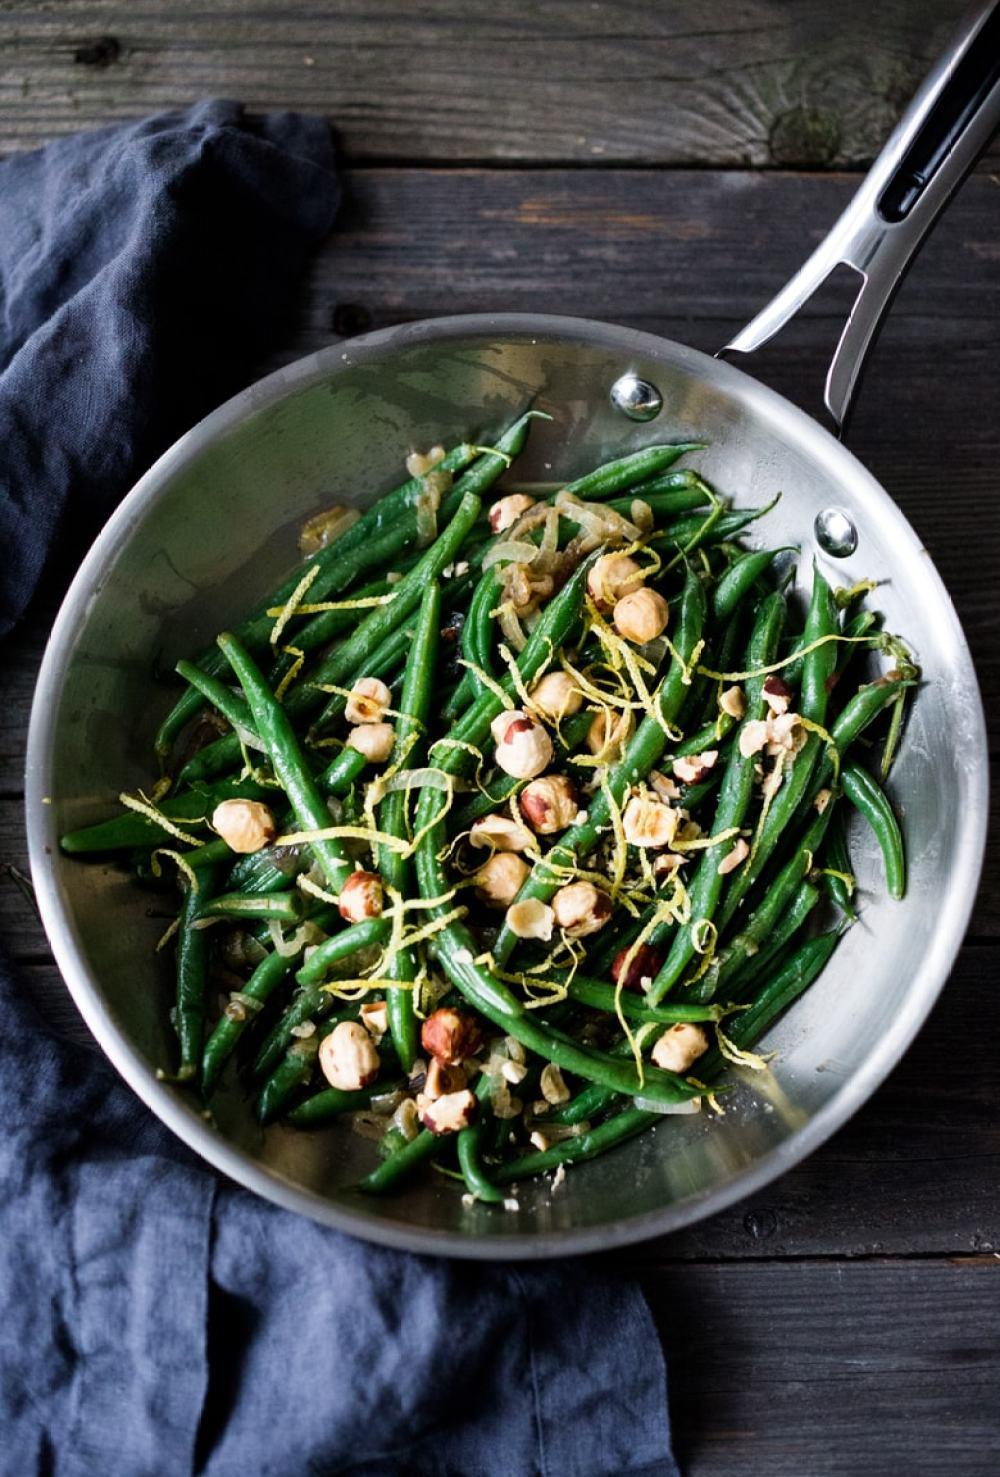 Hazelnut Green Beans with lemon zest & truffle oil